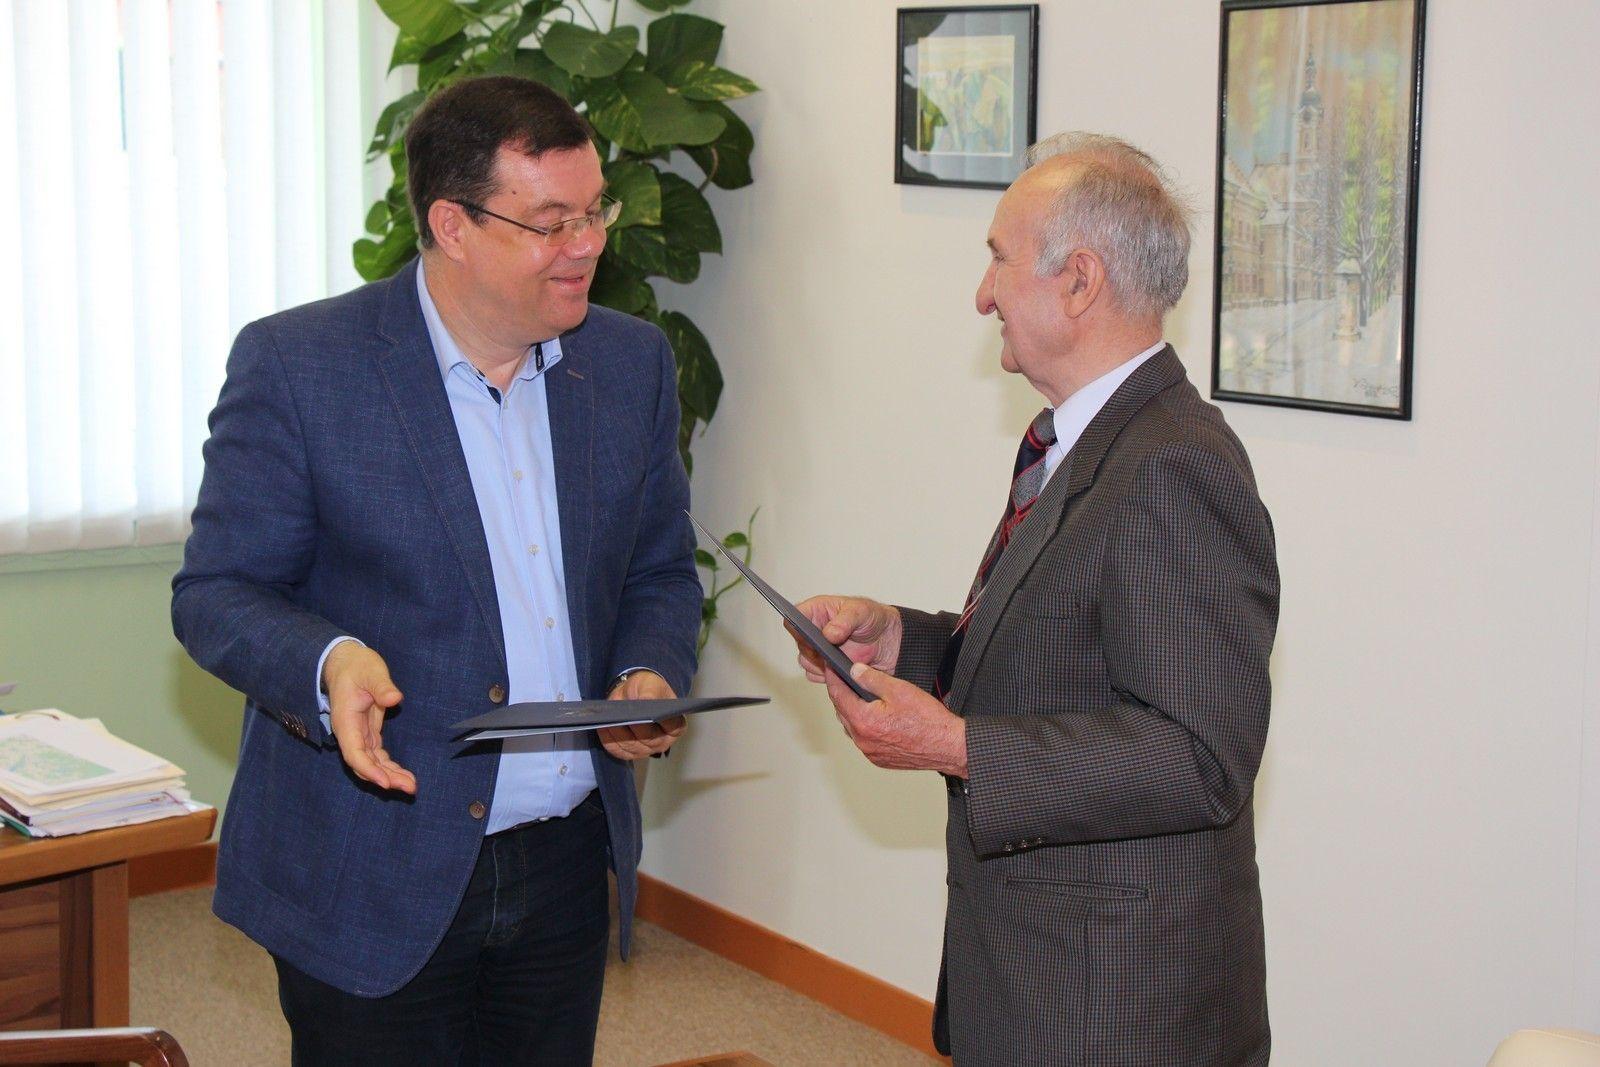 Bjelovarsko-bilogorska županija nastavlja podupirati aktivnosti svojih umirovljeničkih udruga